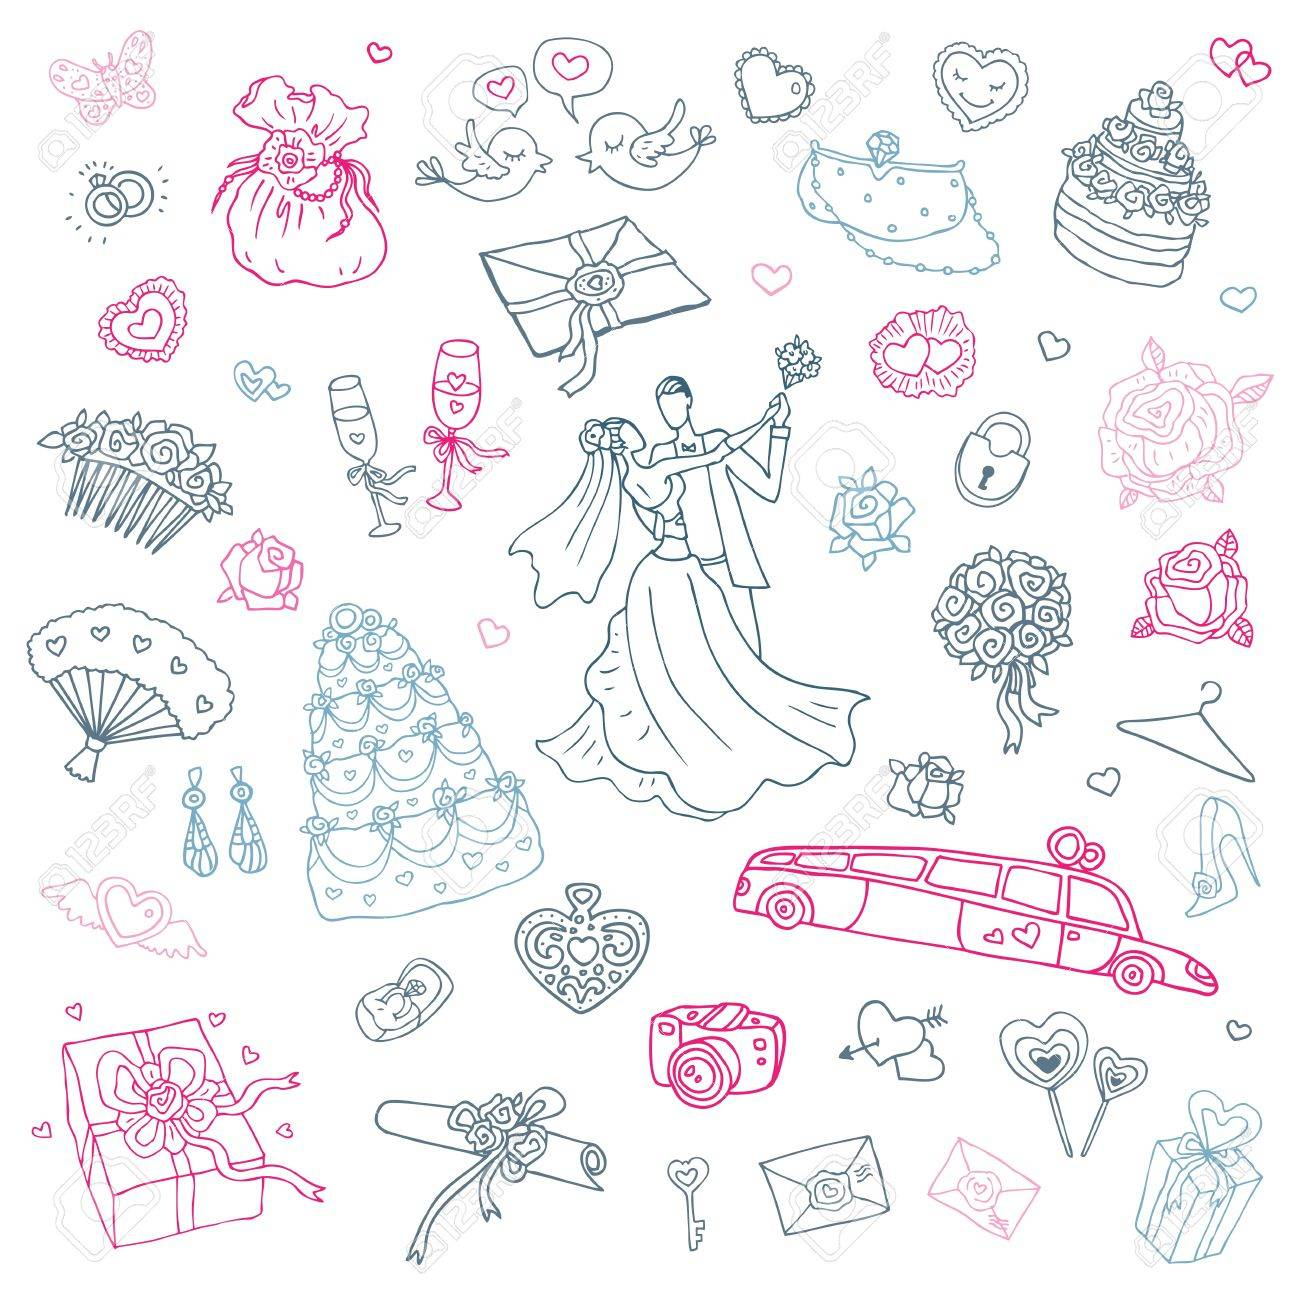 かわいい手描きイラストの結婚式セットのイラスト素材 ベクタ Image